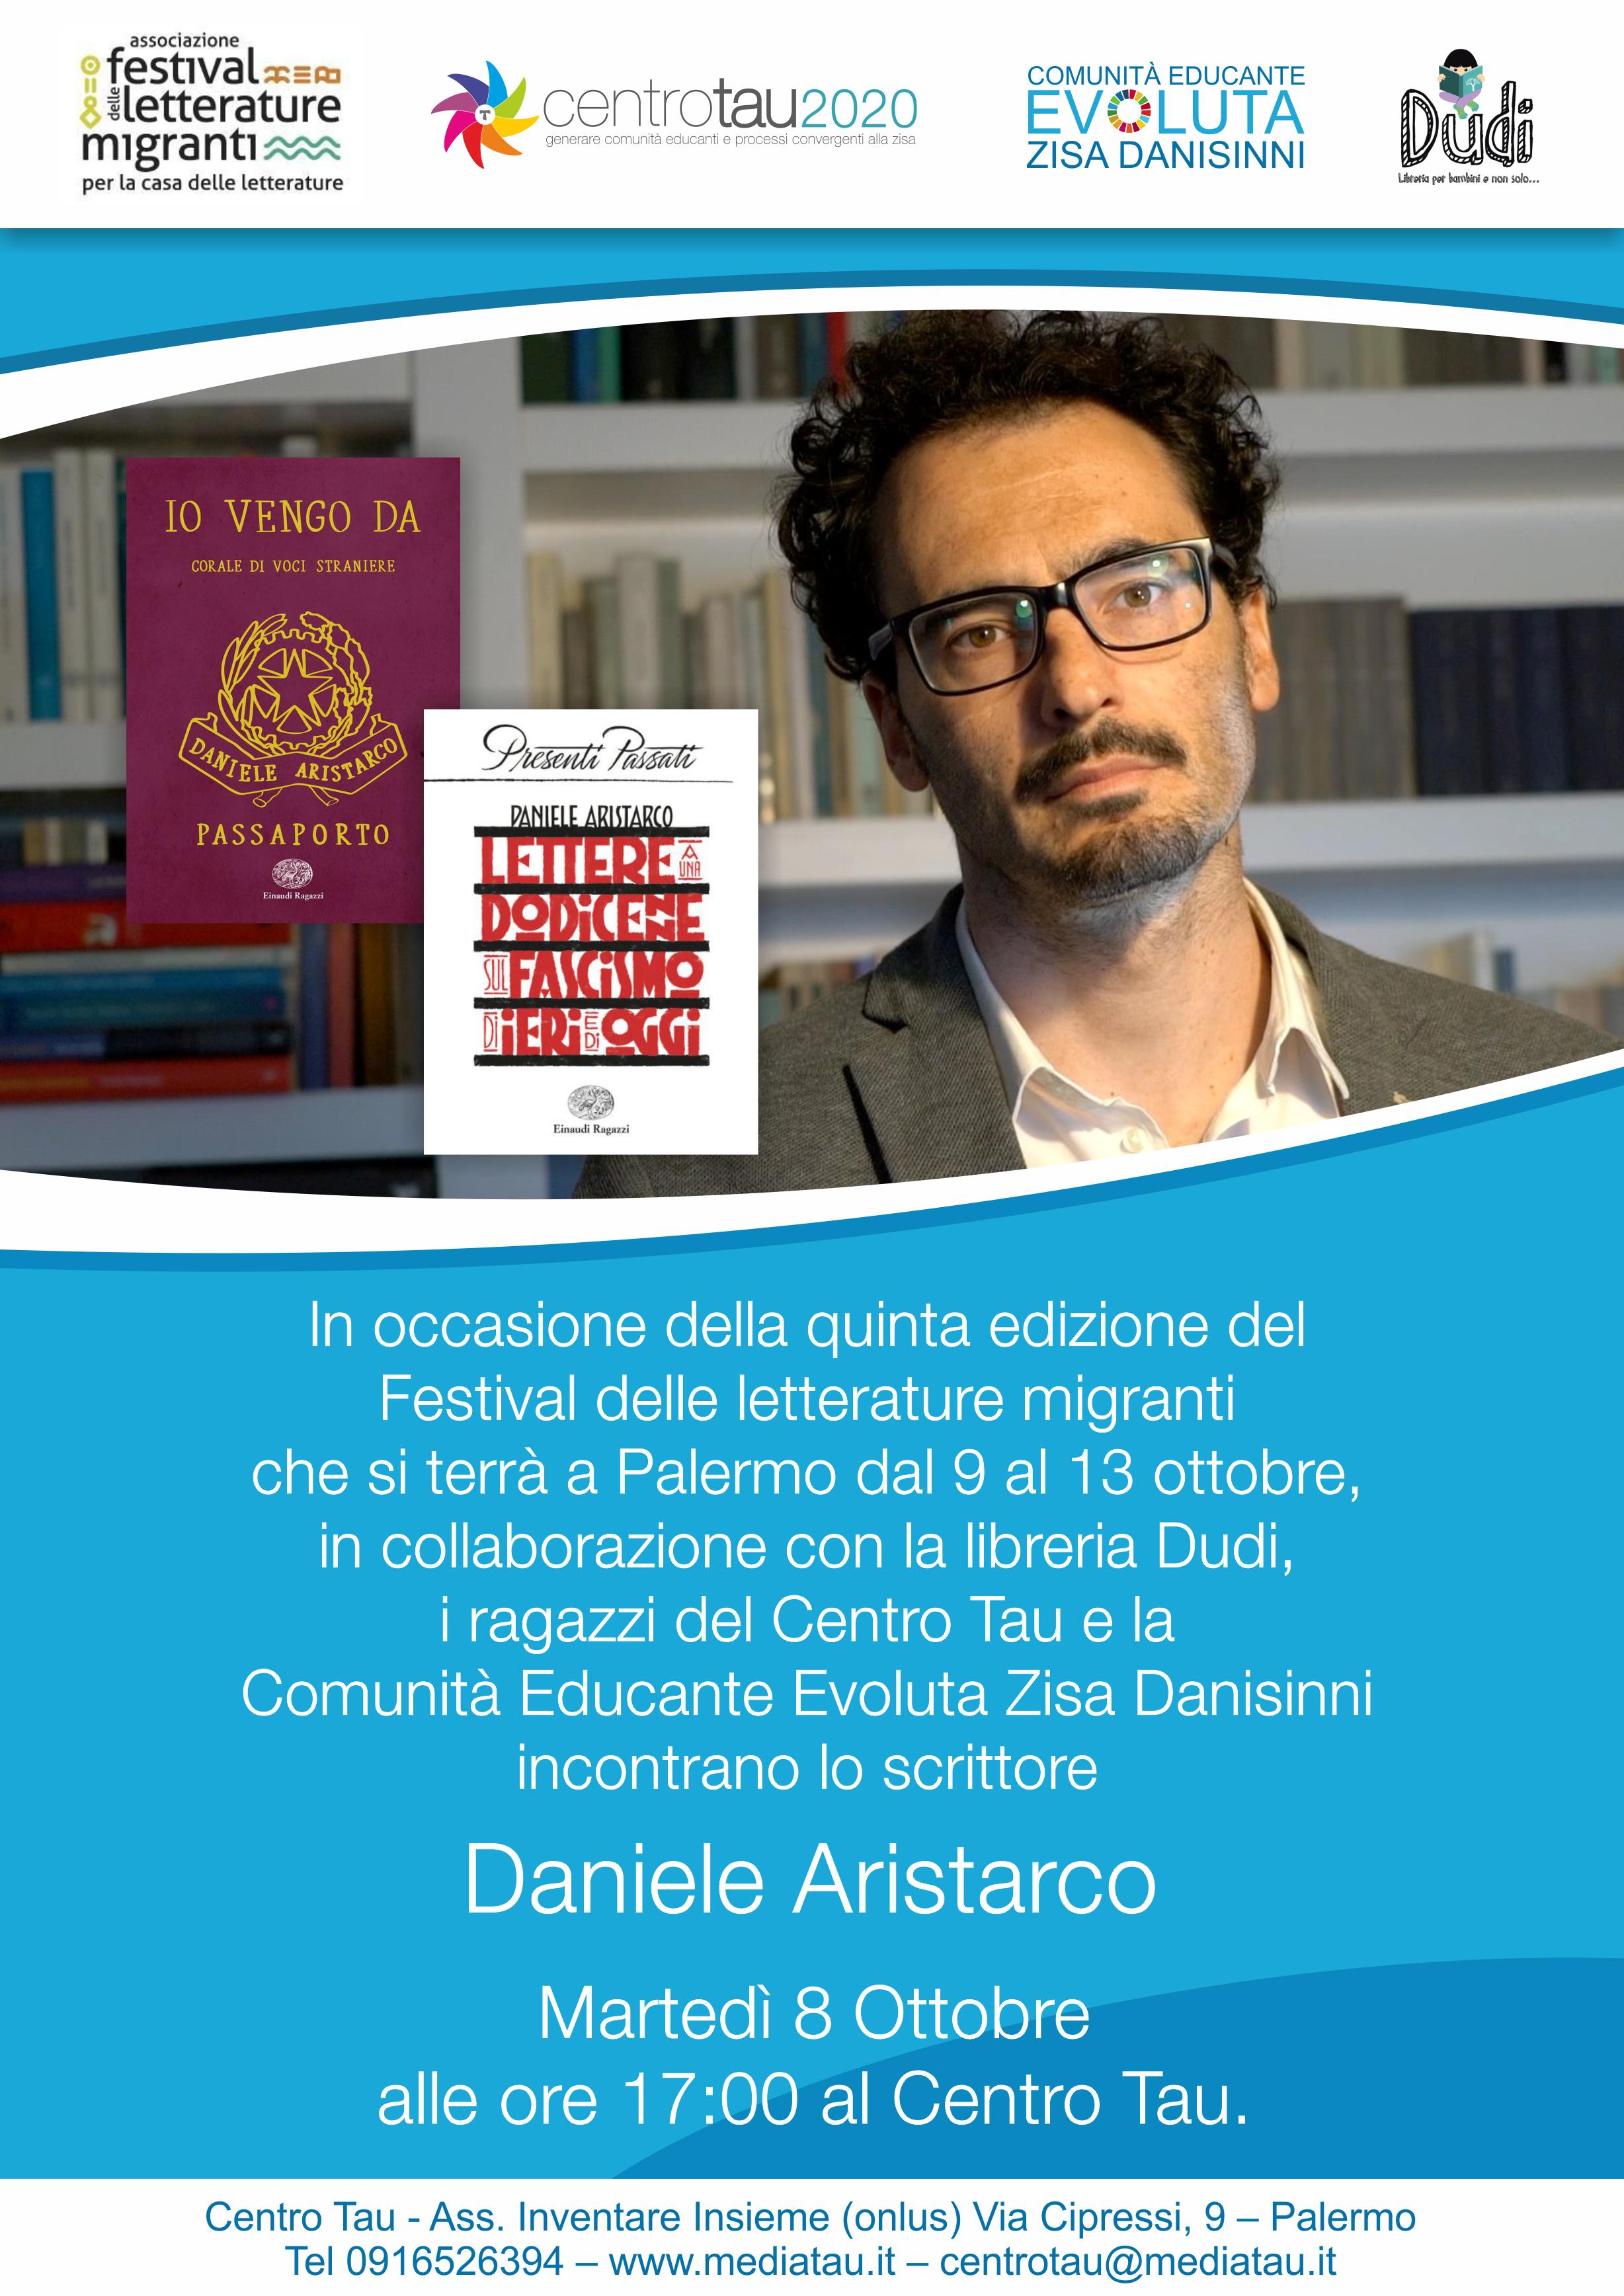 daniele-aristarco3